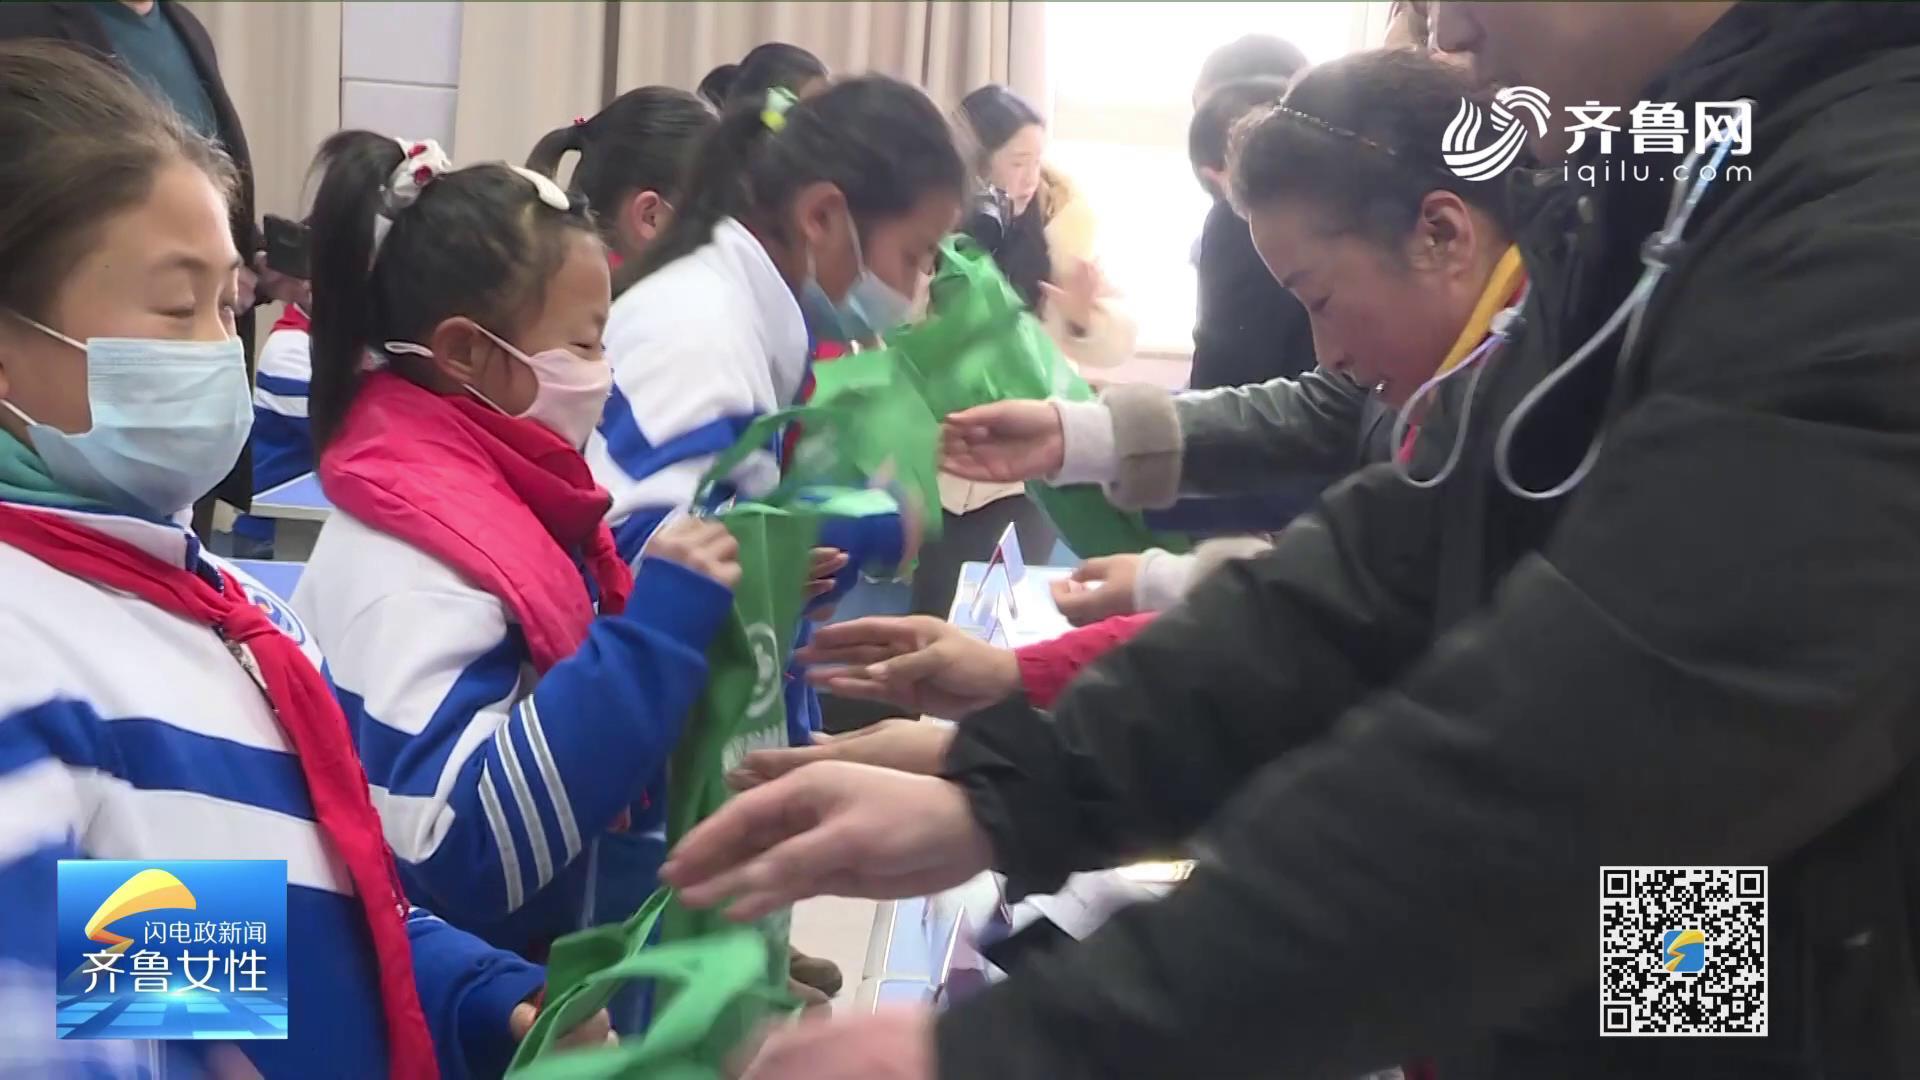 海阳市妇联:爱心捐资 助学春蕾